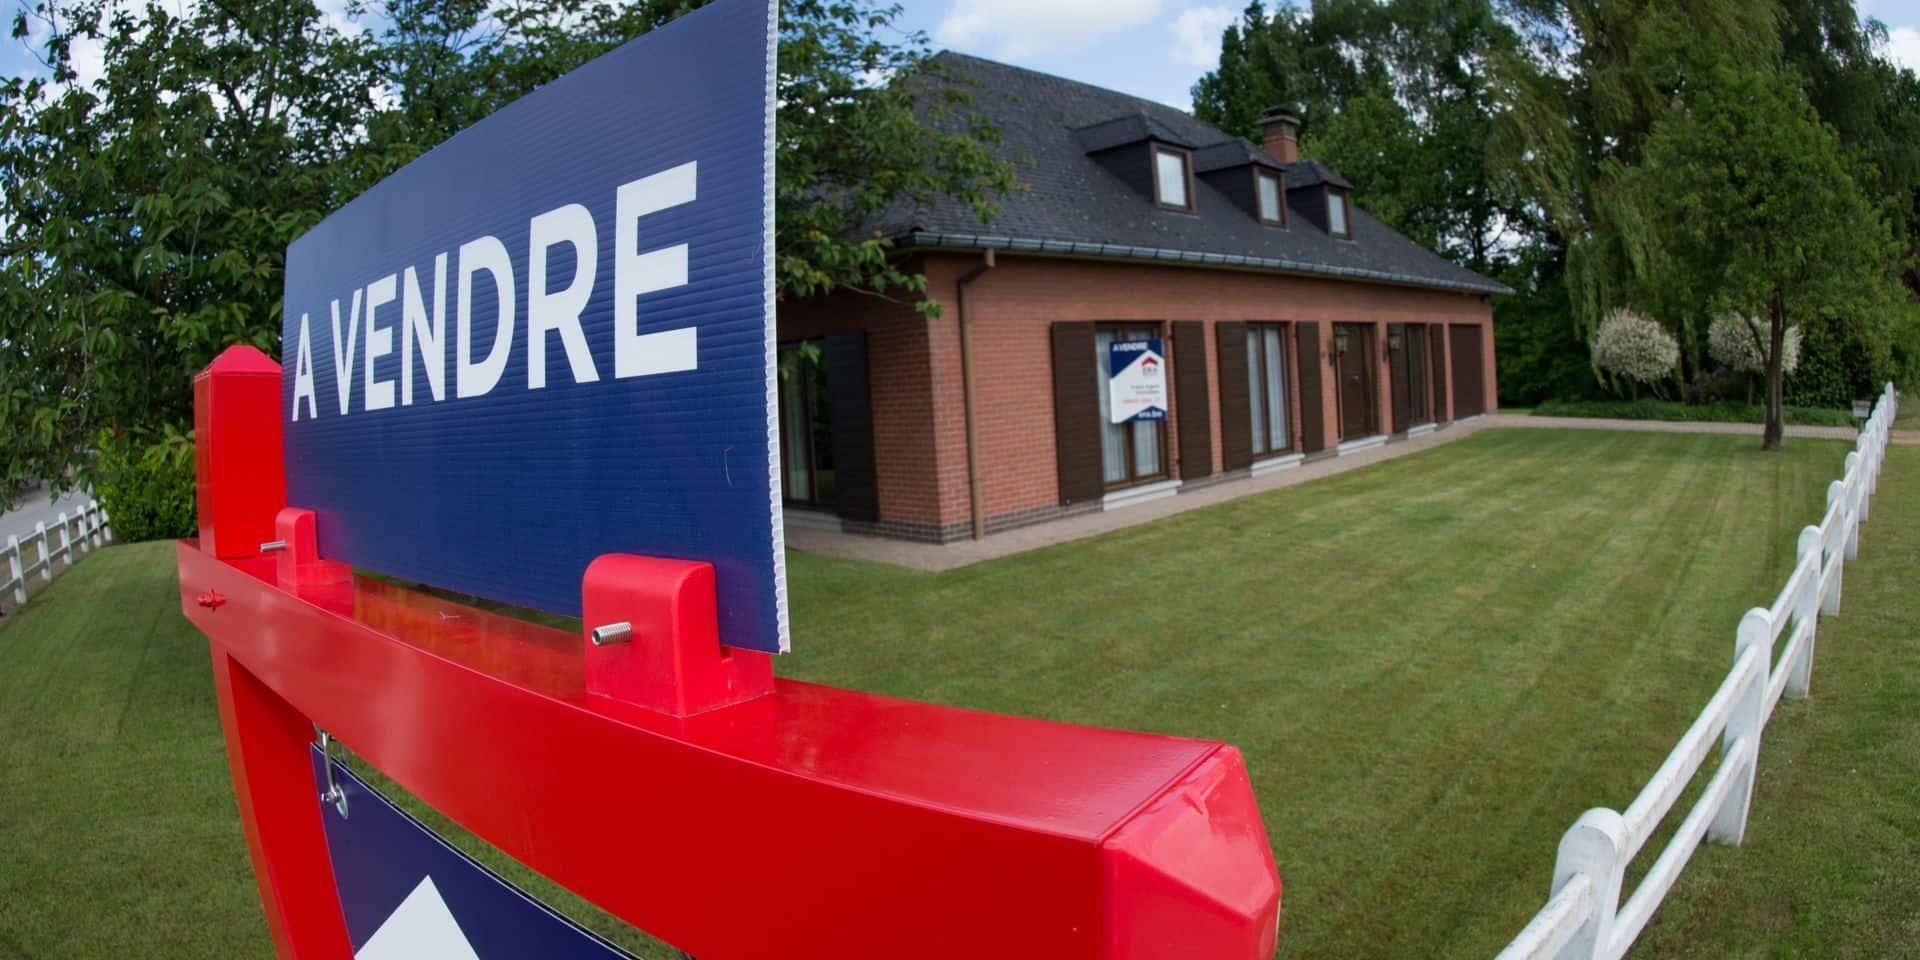 Hainaut: Les prix de l'immobilier sont parmi les plus bas